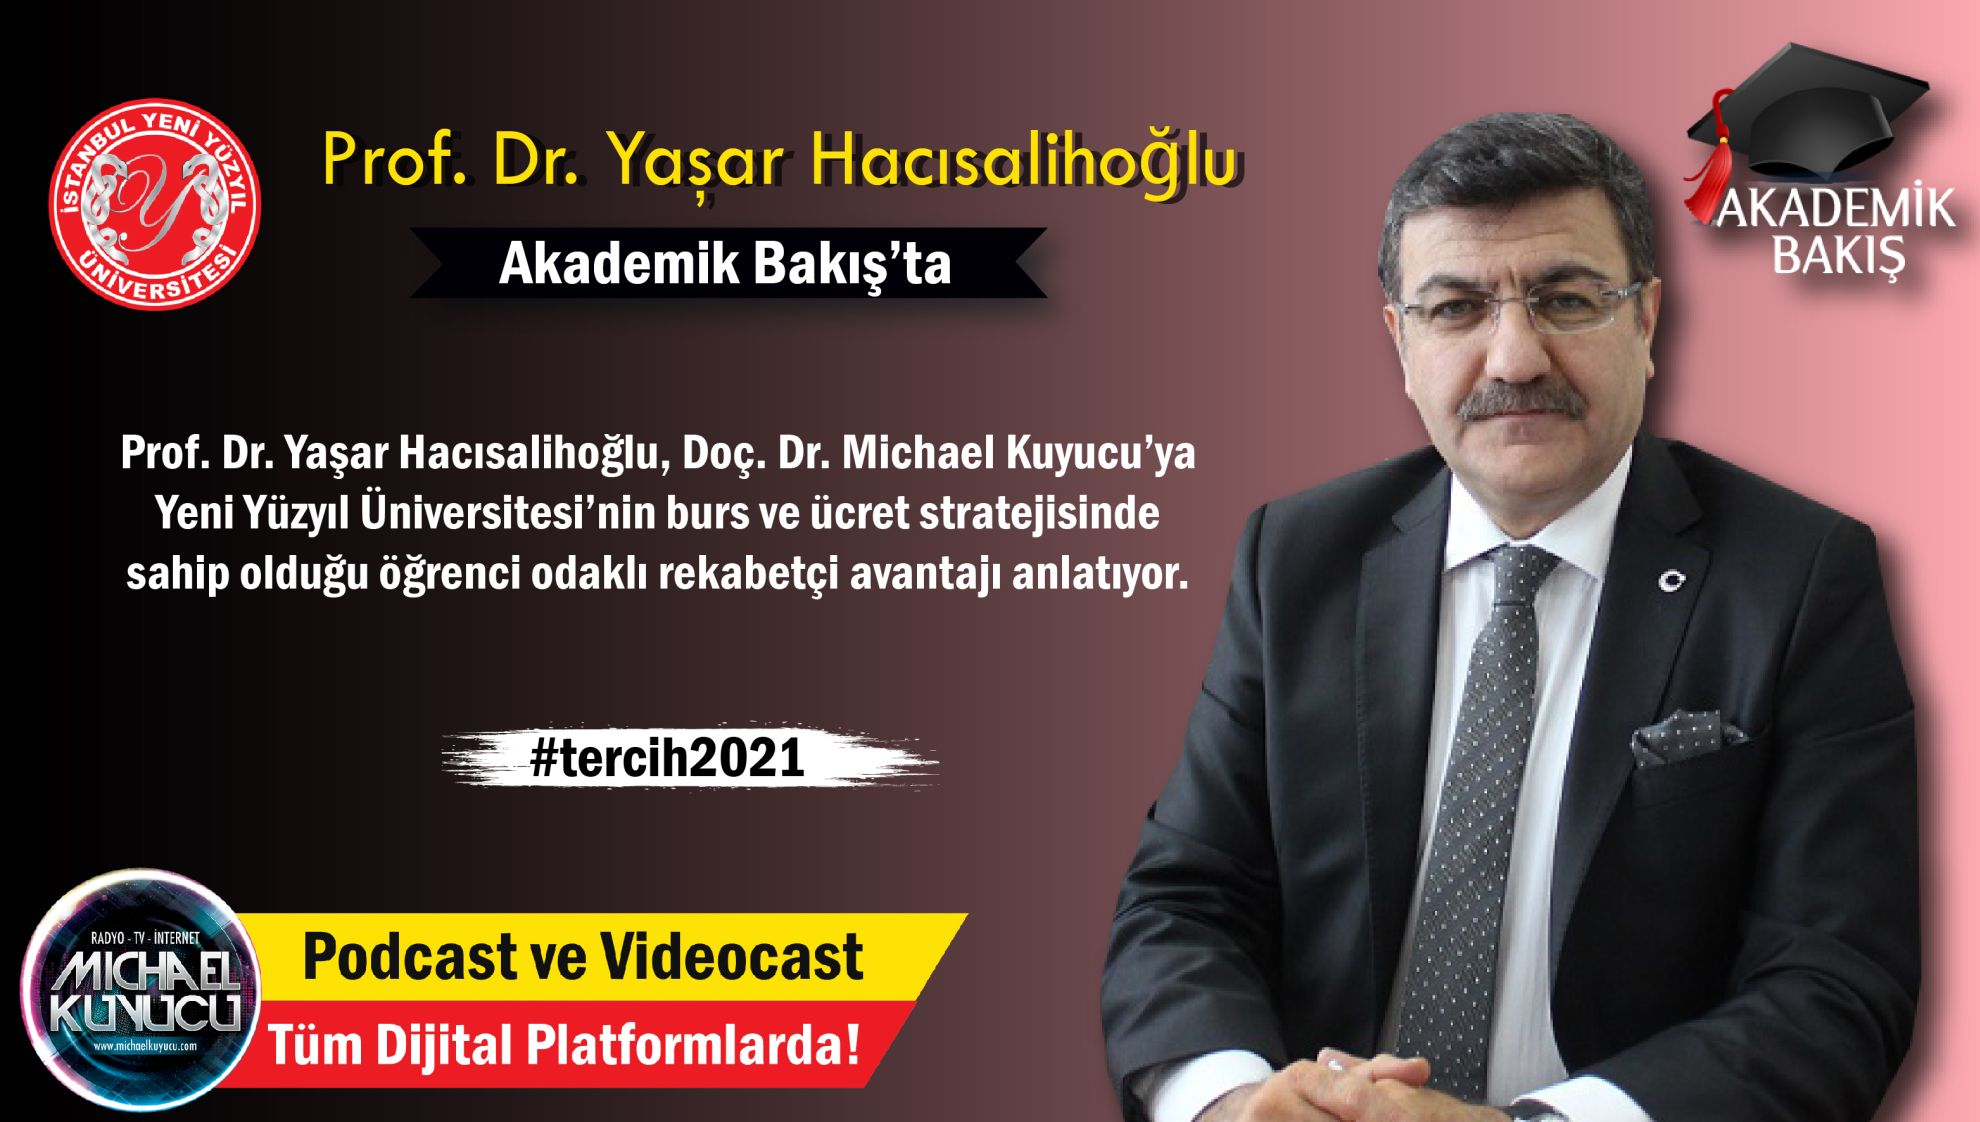 Prof. Dr. Yaşar Hacısalihoğlu: Üç Tane Yurtla Anlaşma Yaptık